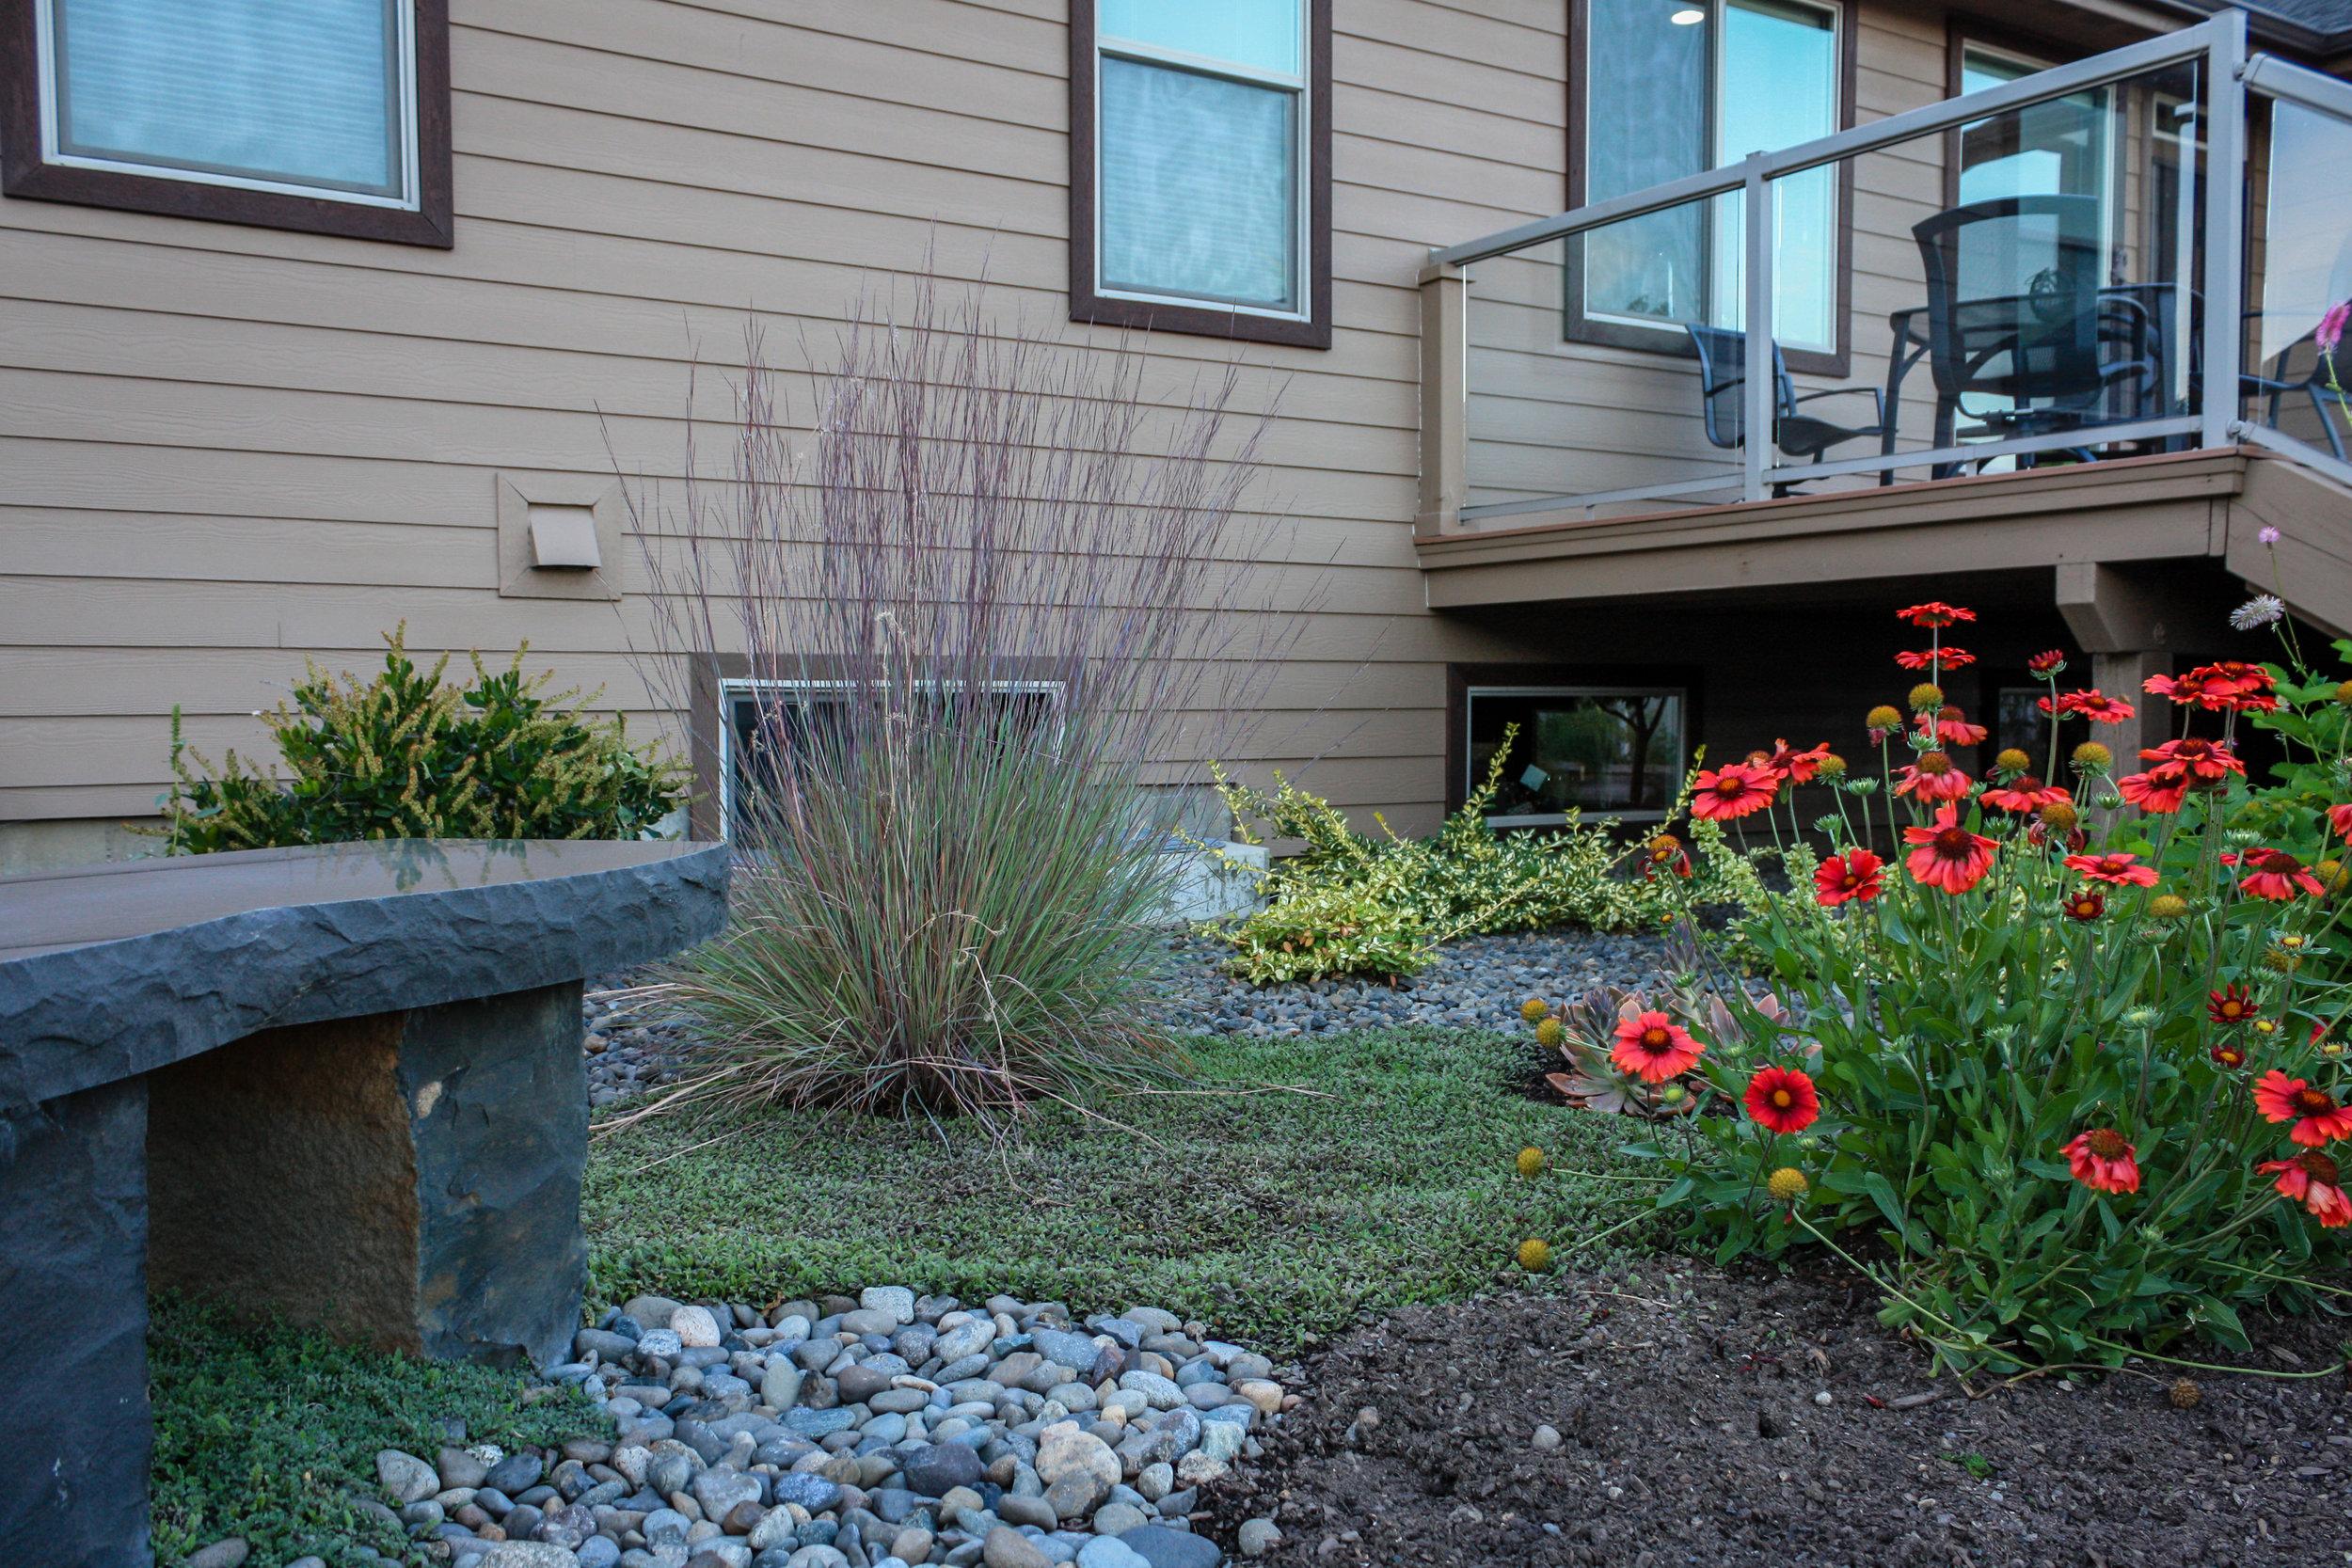 spokane valley zen garden